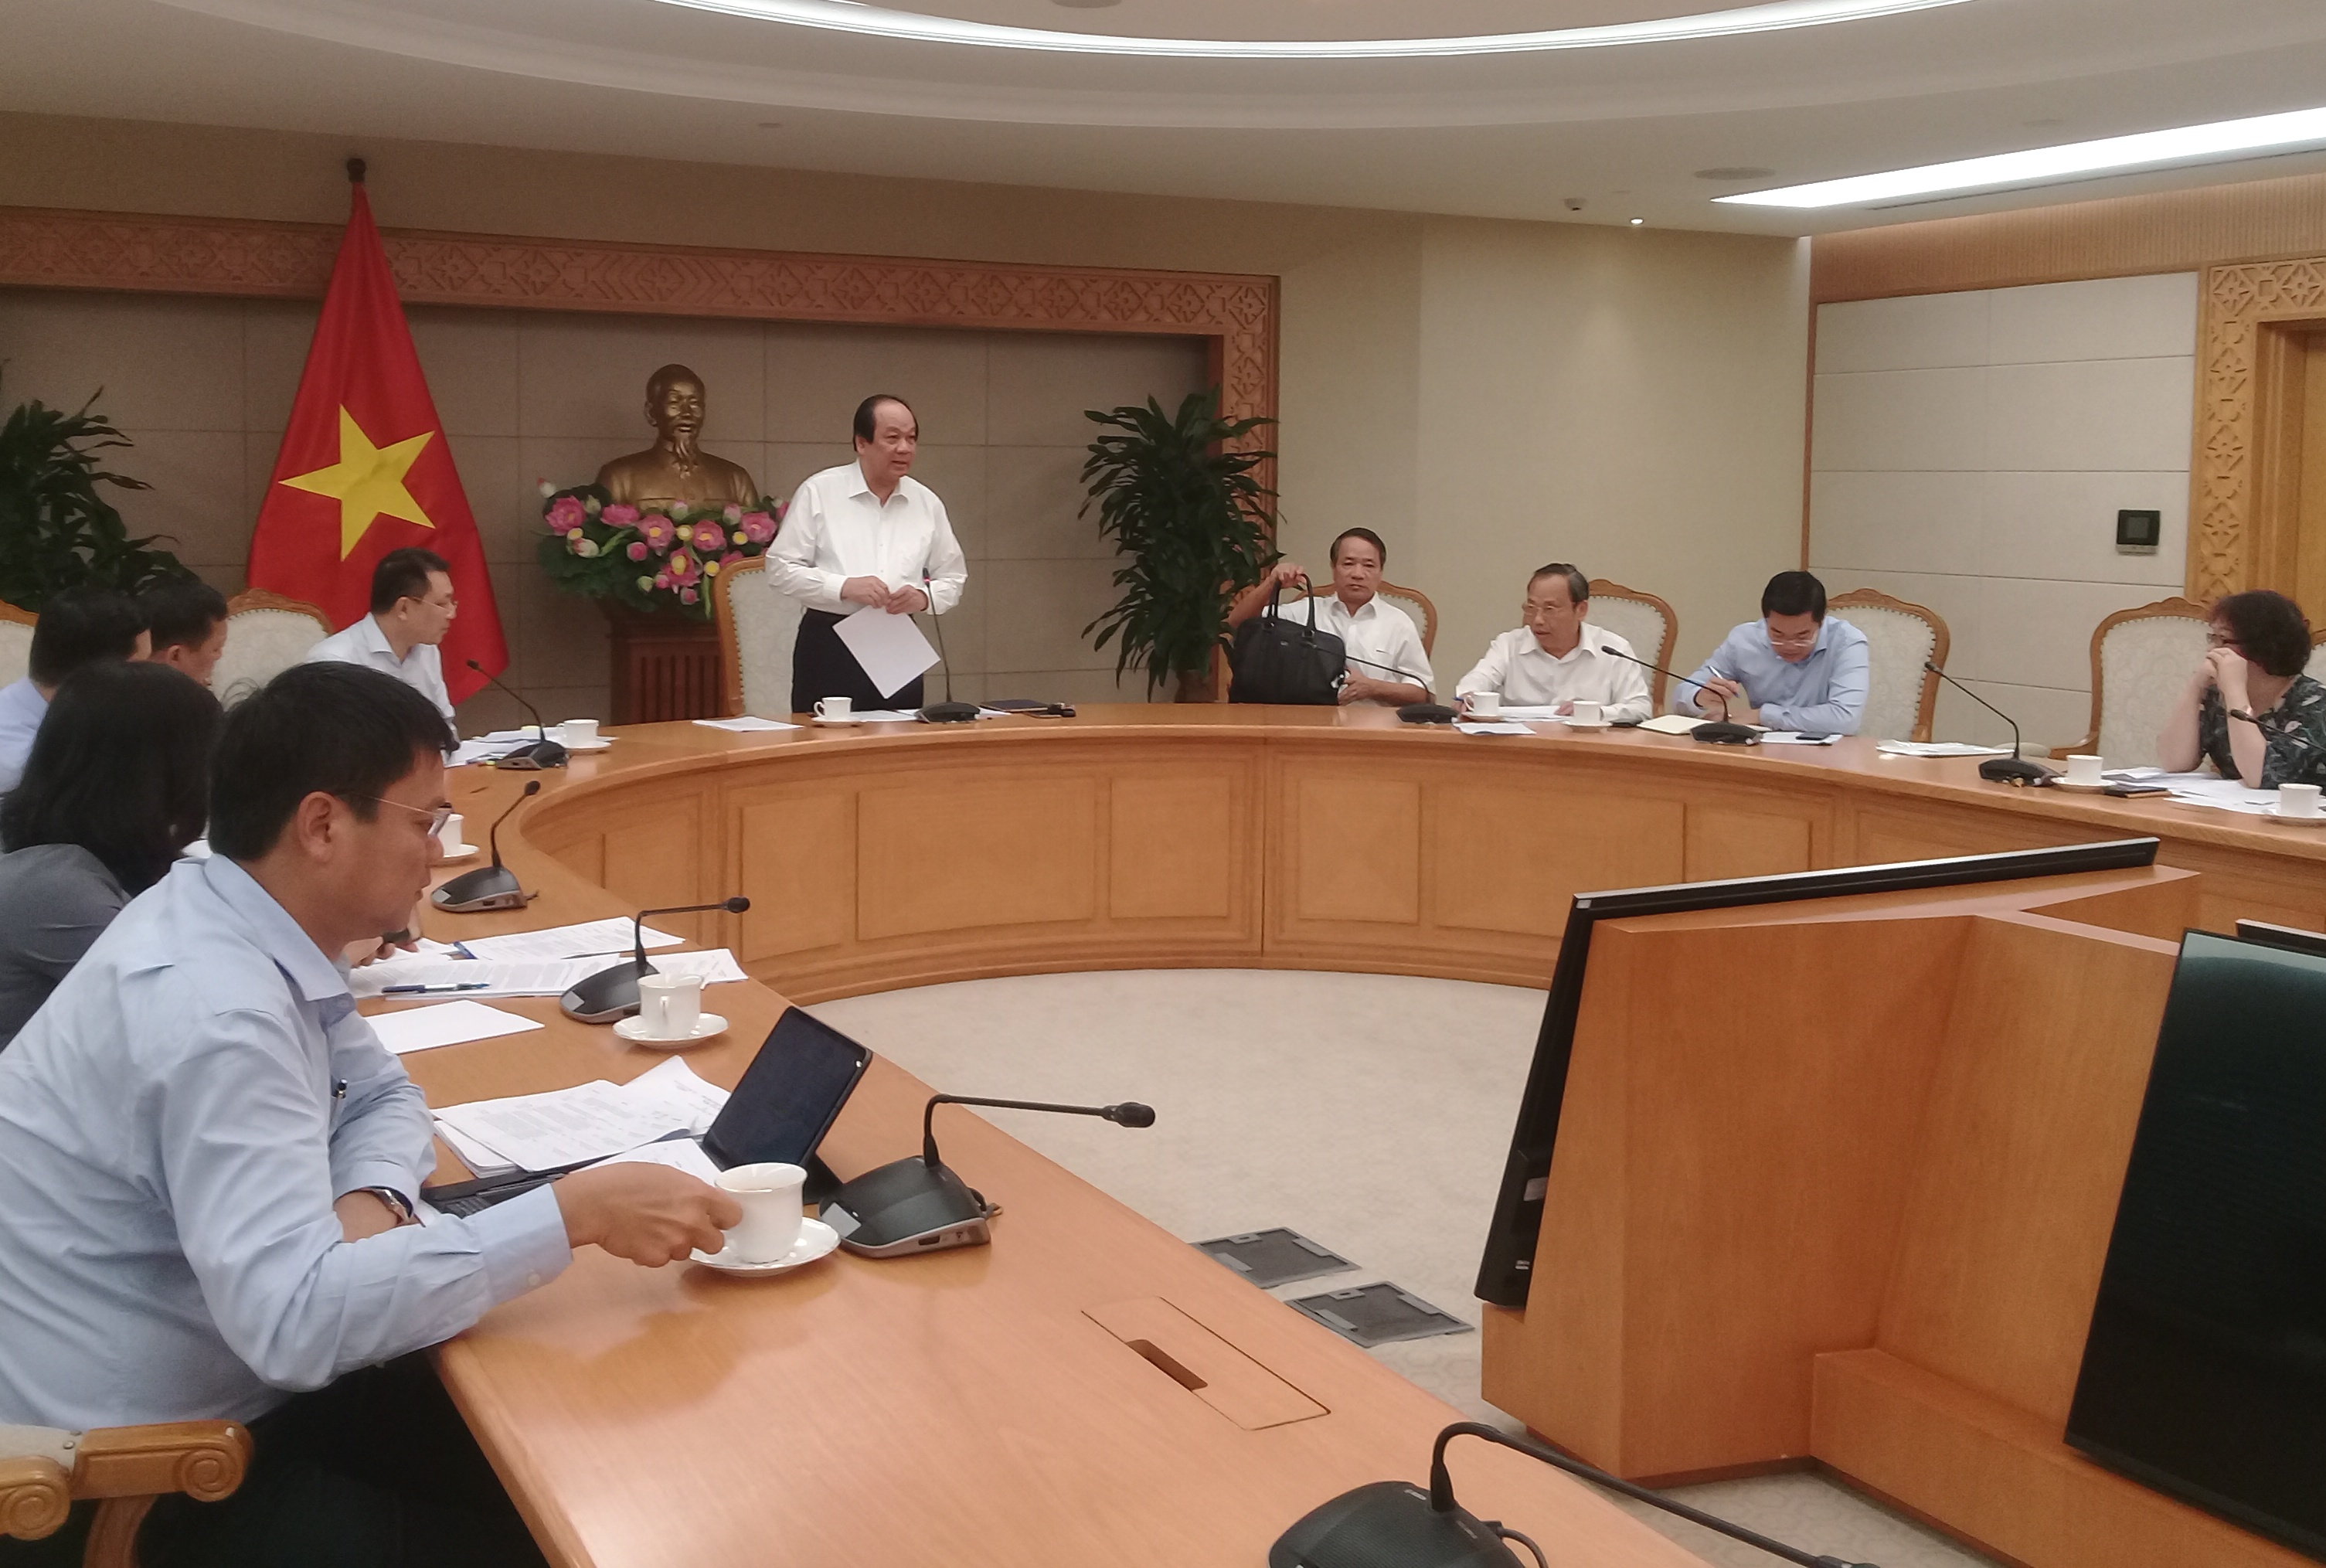 Văn phòng Chính phủ: Còn 13 Bộ, ngành nợ về các văn bản pháp luật